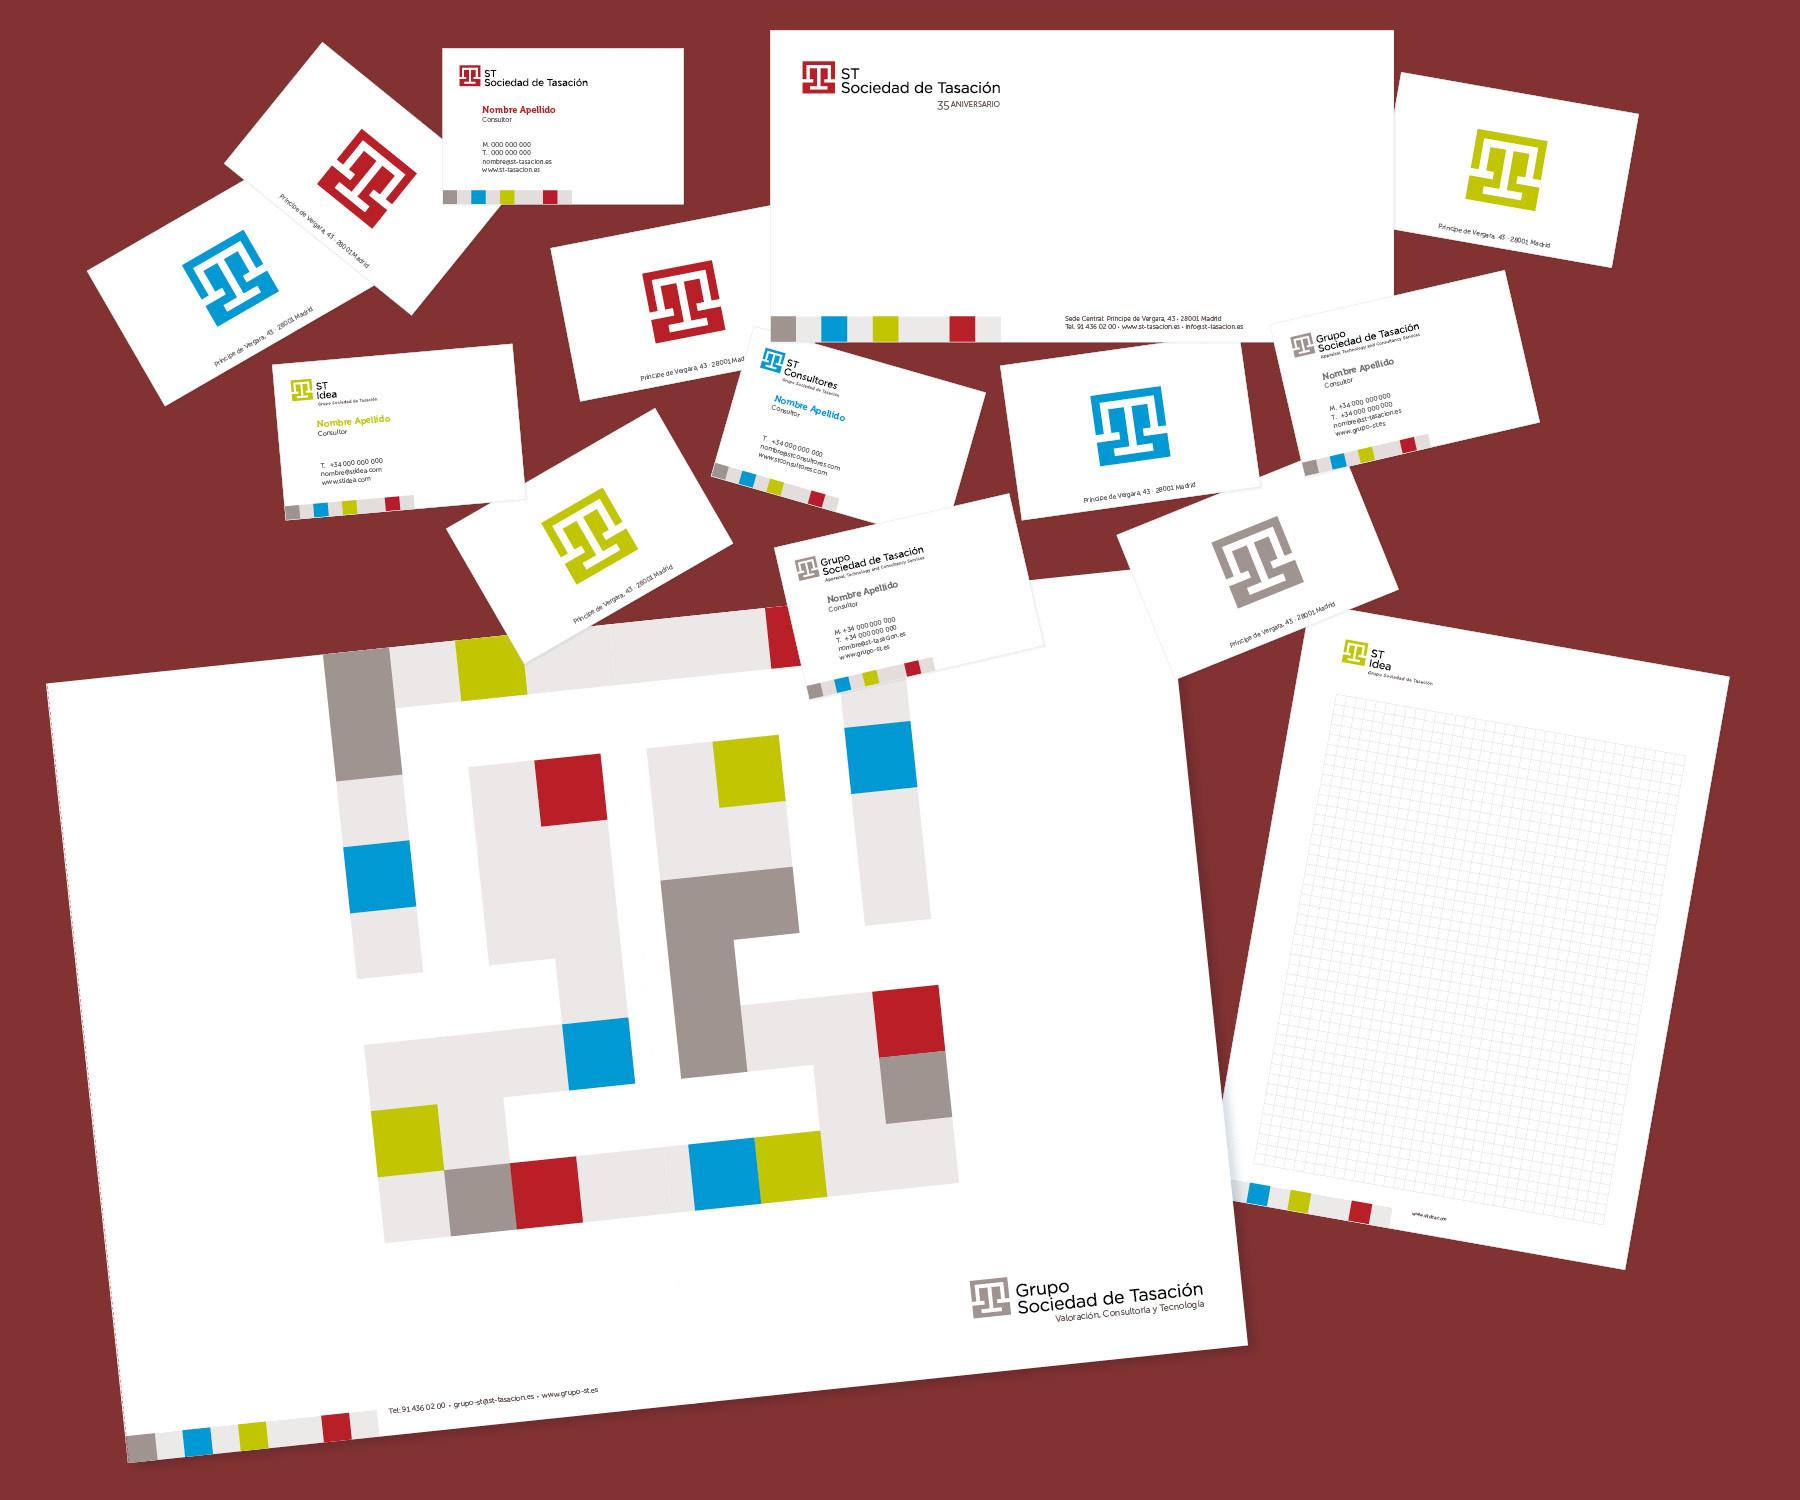 diseño gráfico editorial y publicitario